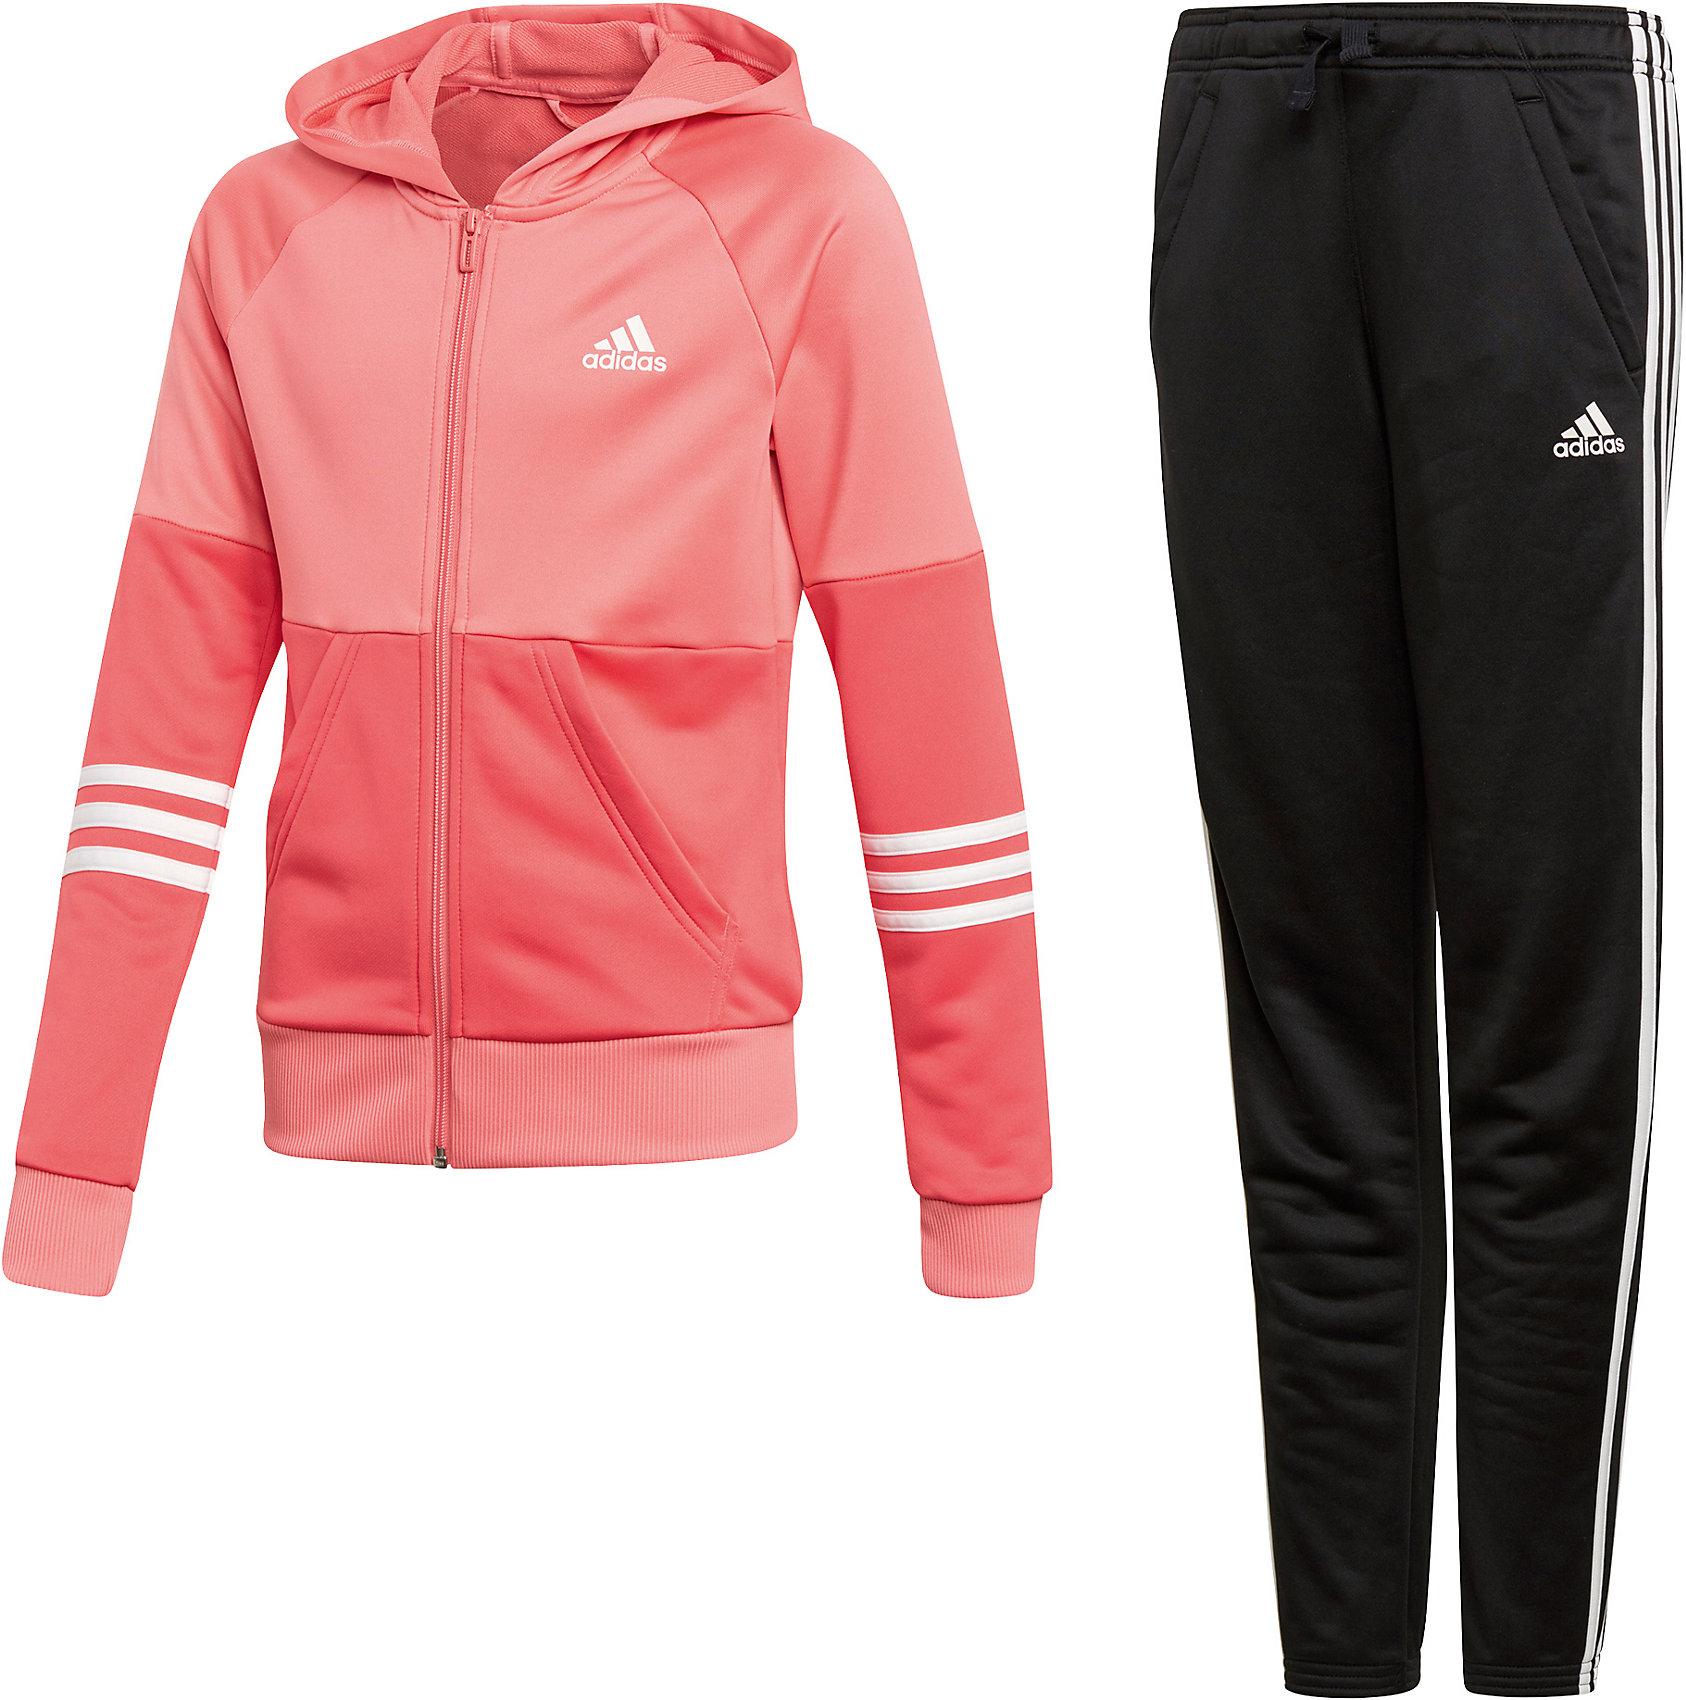 Details zu Neu adidas Performance Trainingsanzug für Mädchen 6804861 für Mädchen